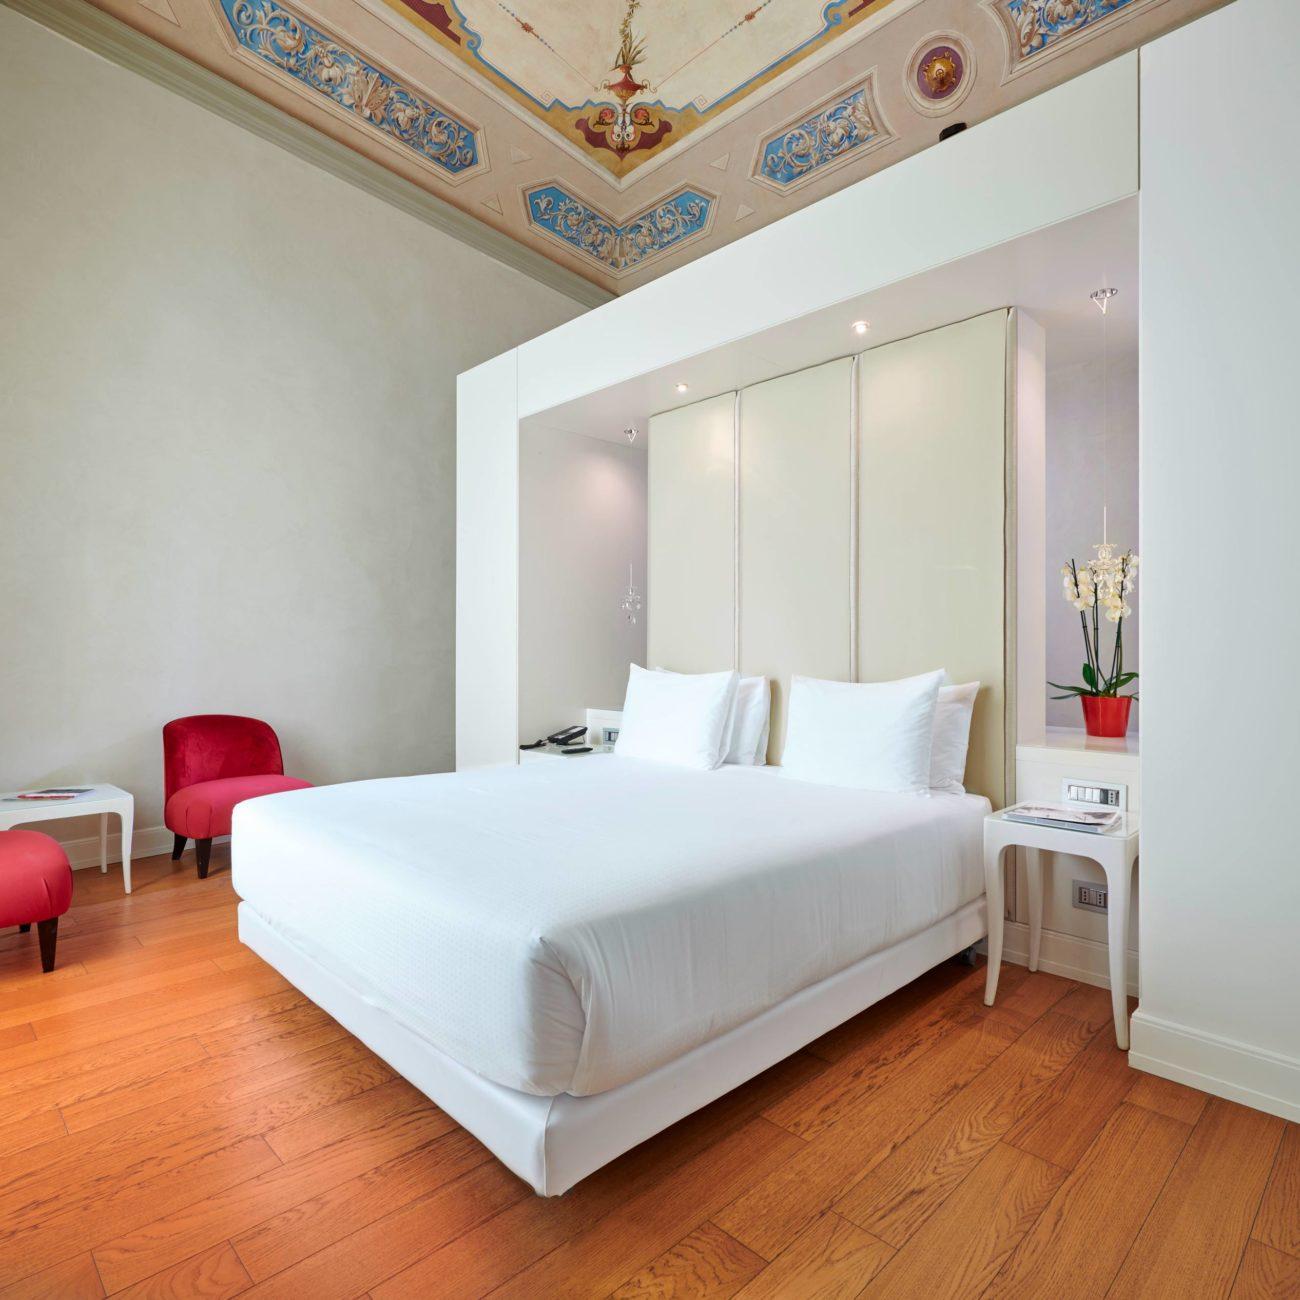 fotografo-hotel-roma-venezia